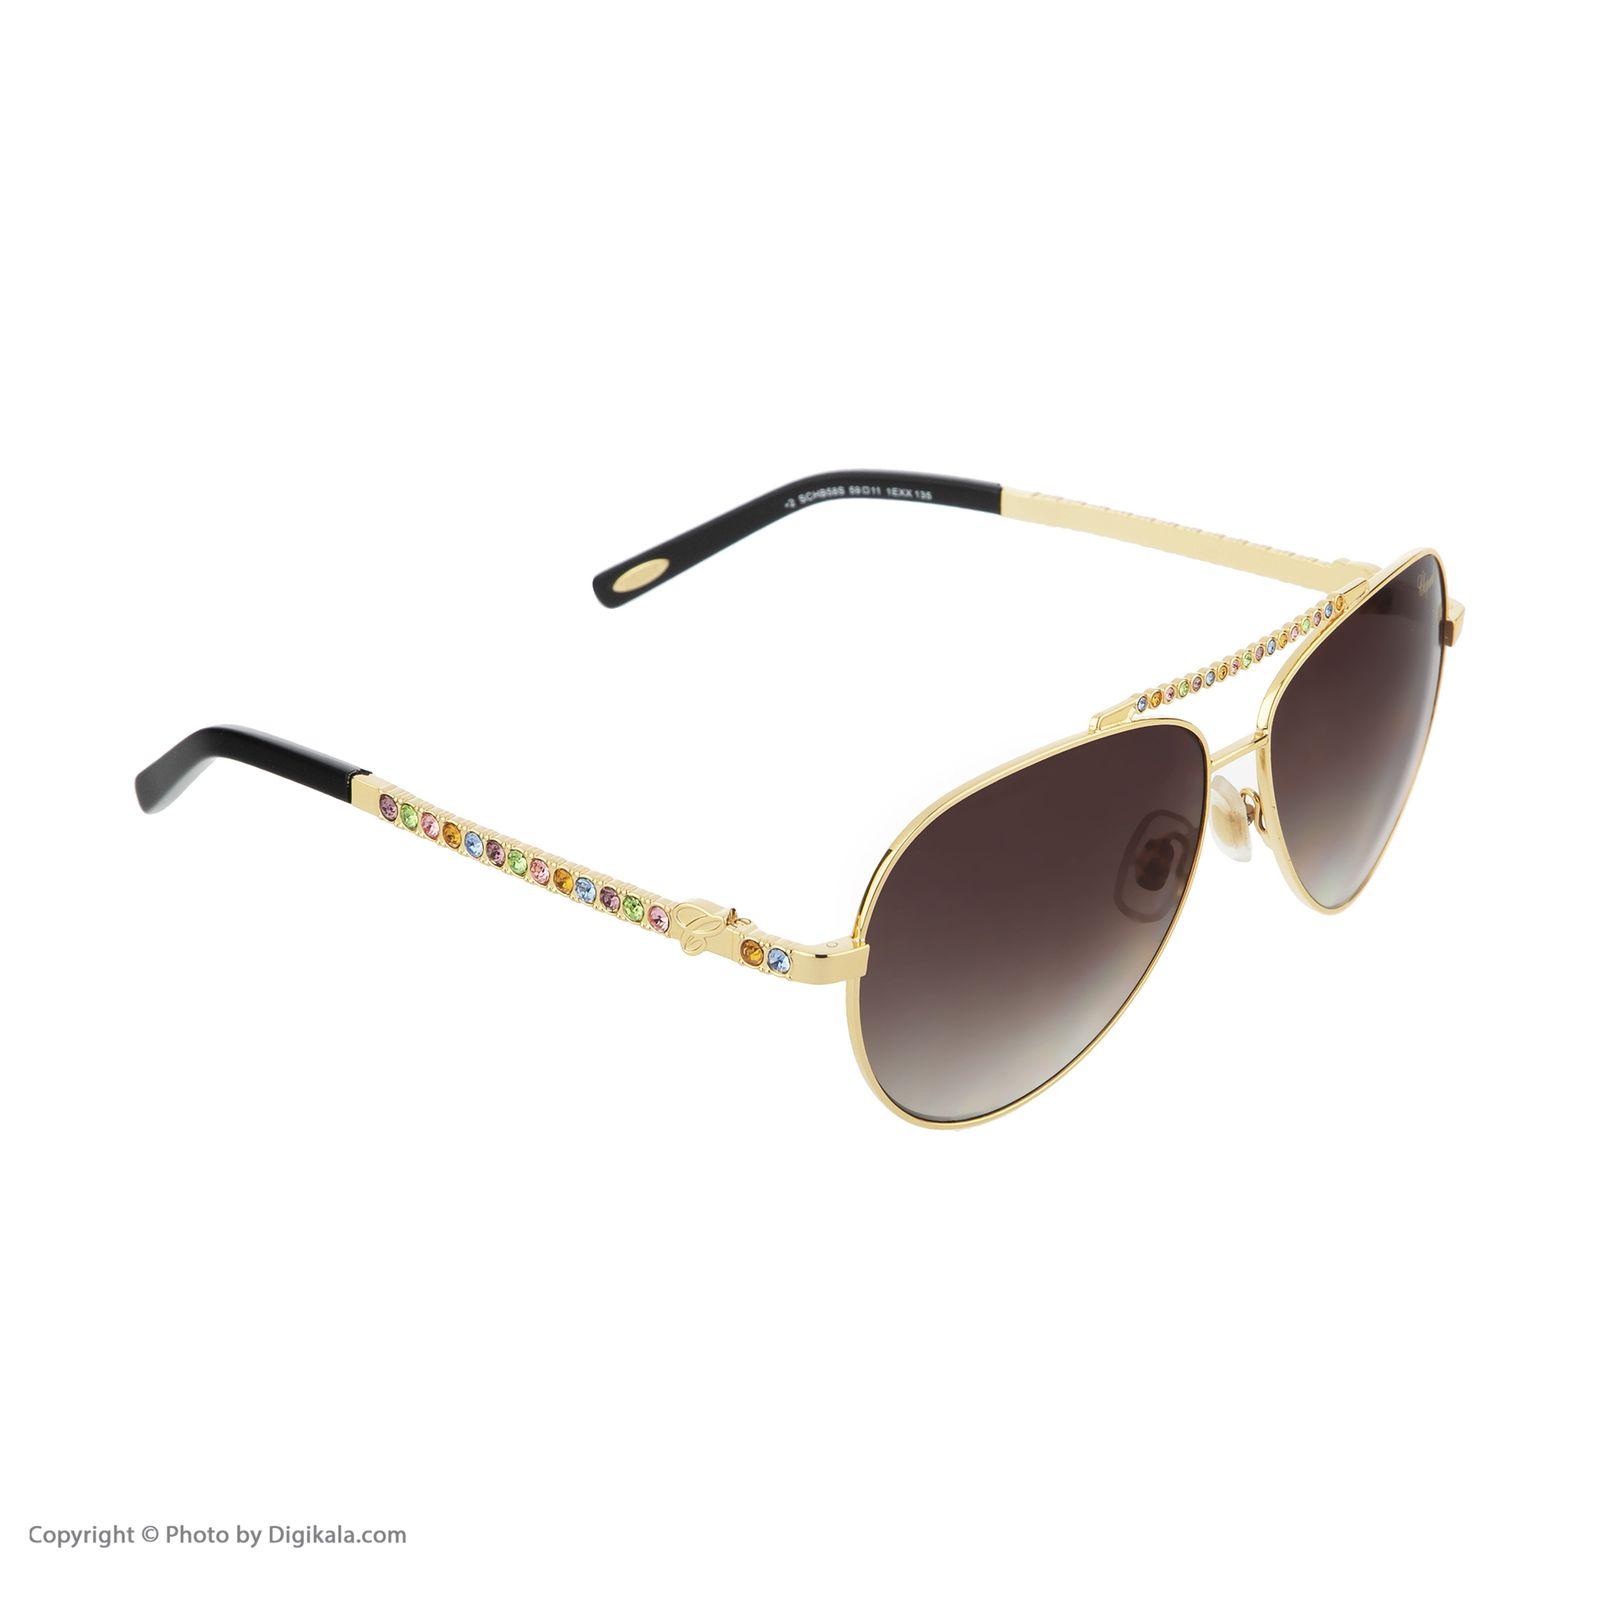 عینک آفتابی زنانه شوپارد مدل 58 -  - 6